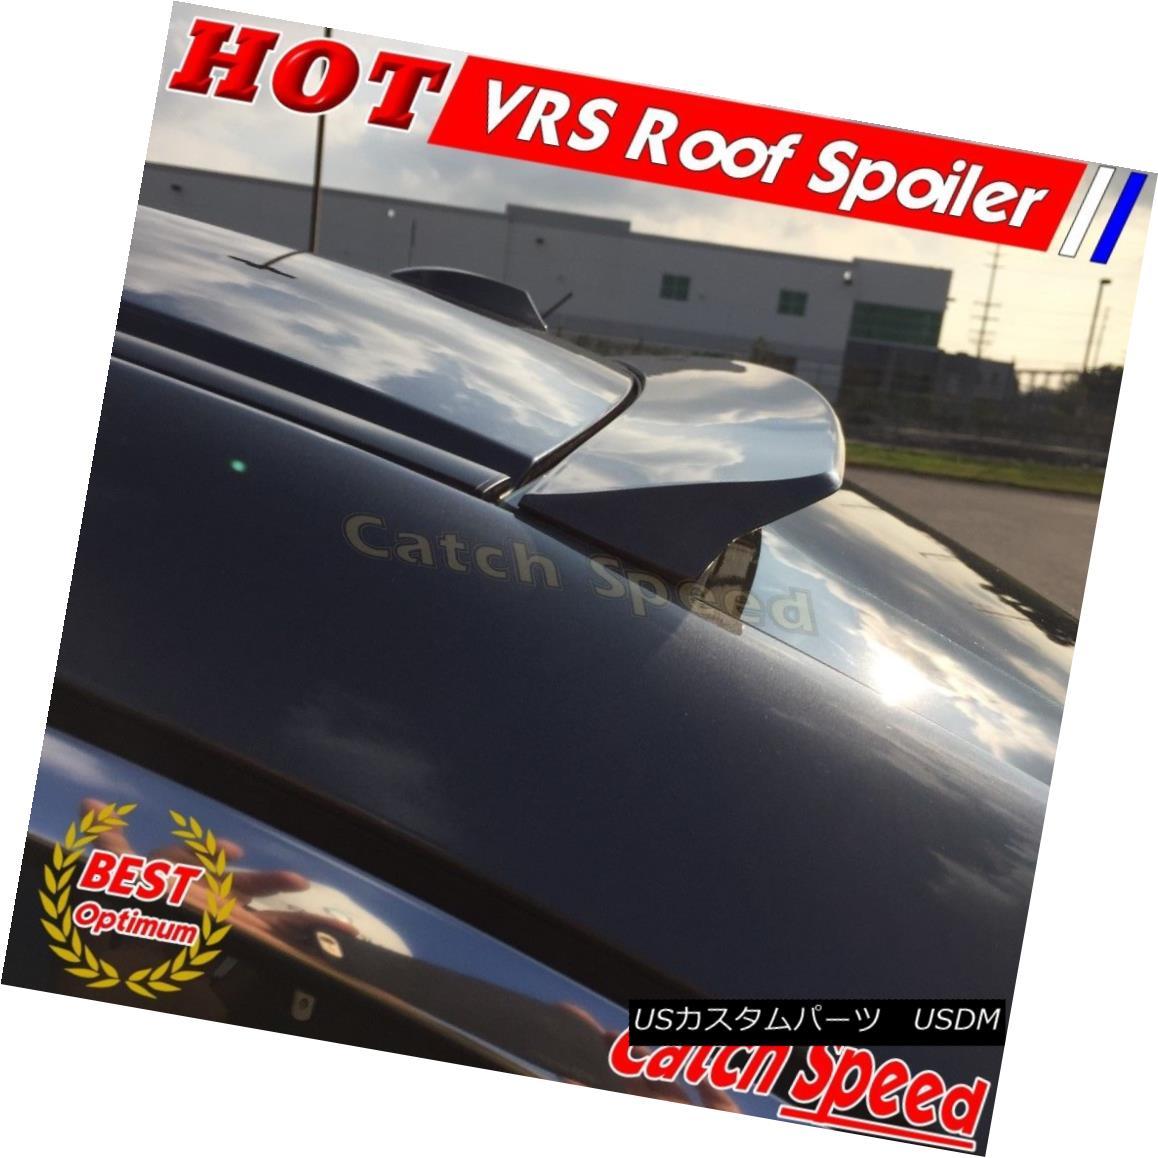 エアロパーツ Flat Black VRS Type Rear Roof Spoiler Wing For Cadillac STS SEDAN 2008-2011 キャデラックSTS SEDAN 2008-2011用フラットブラックVSタイプリアルーフスポイラーウイング